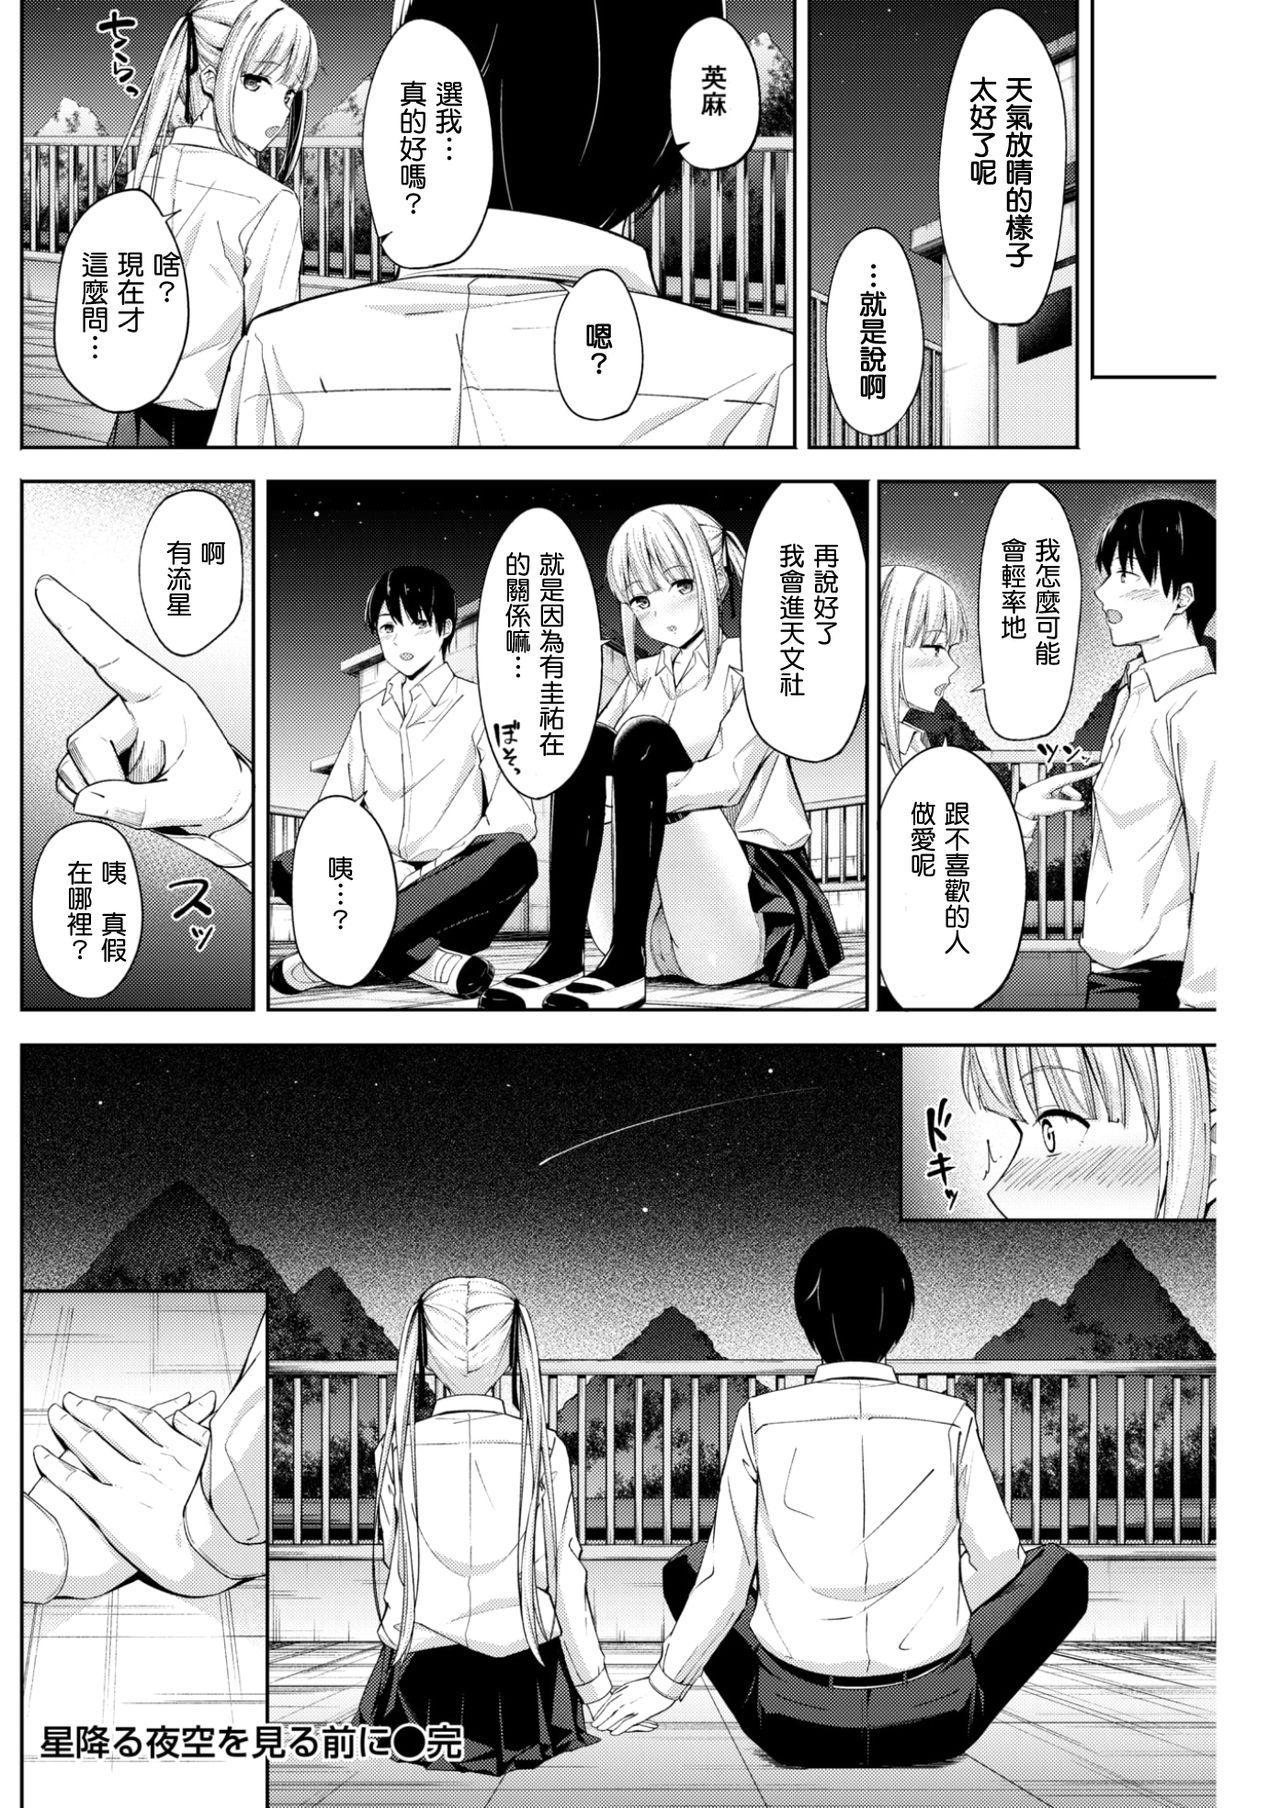 Hoshi Furu Yozora o Miru Mae ni 17